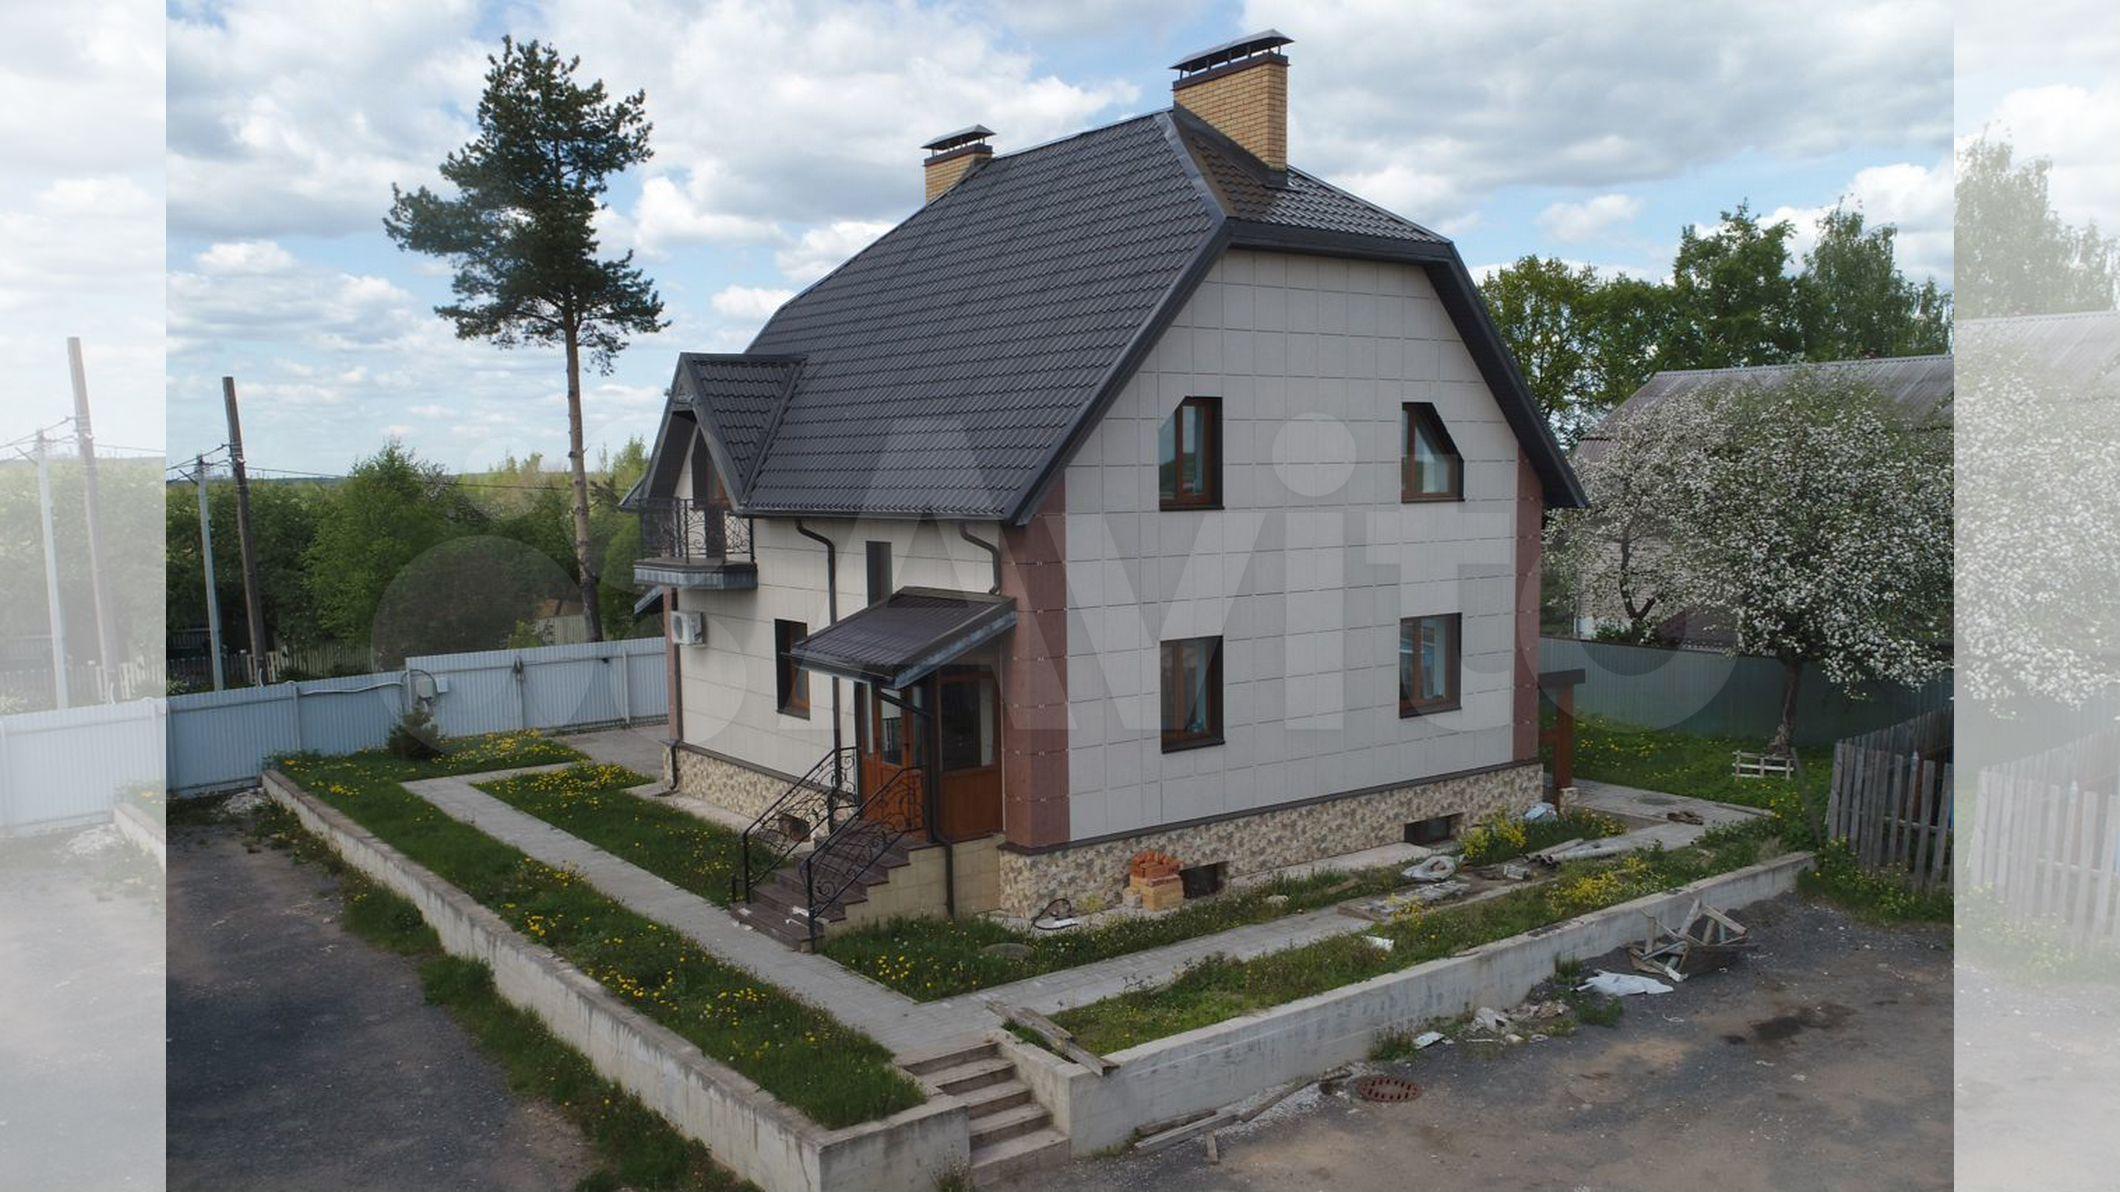 Коттедж 247.5 м² на участке 29 сот. в Новгородской области | Недвижимость | Авито